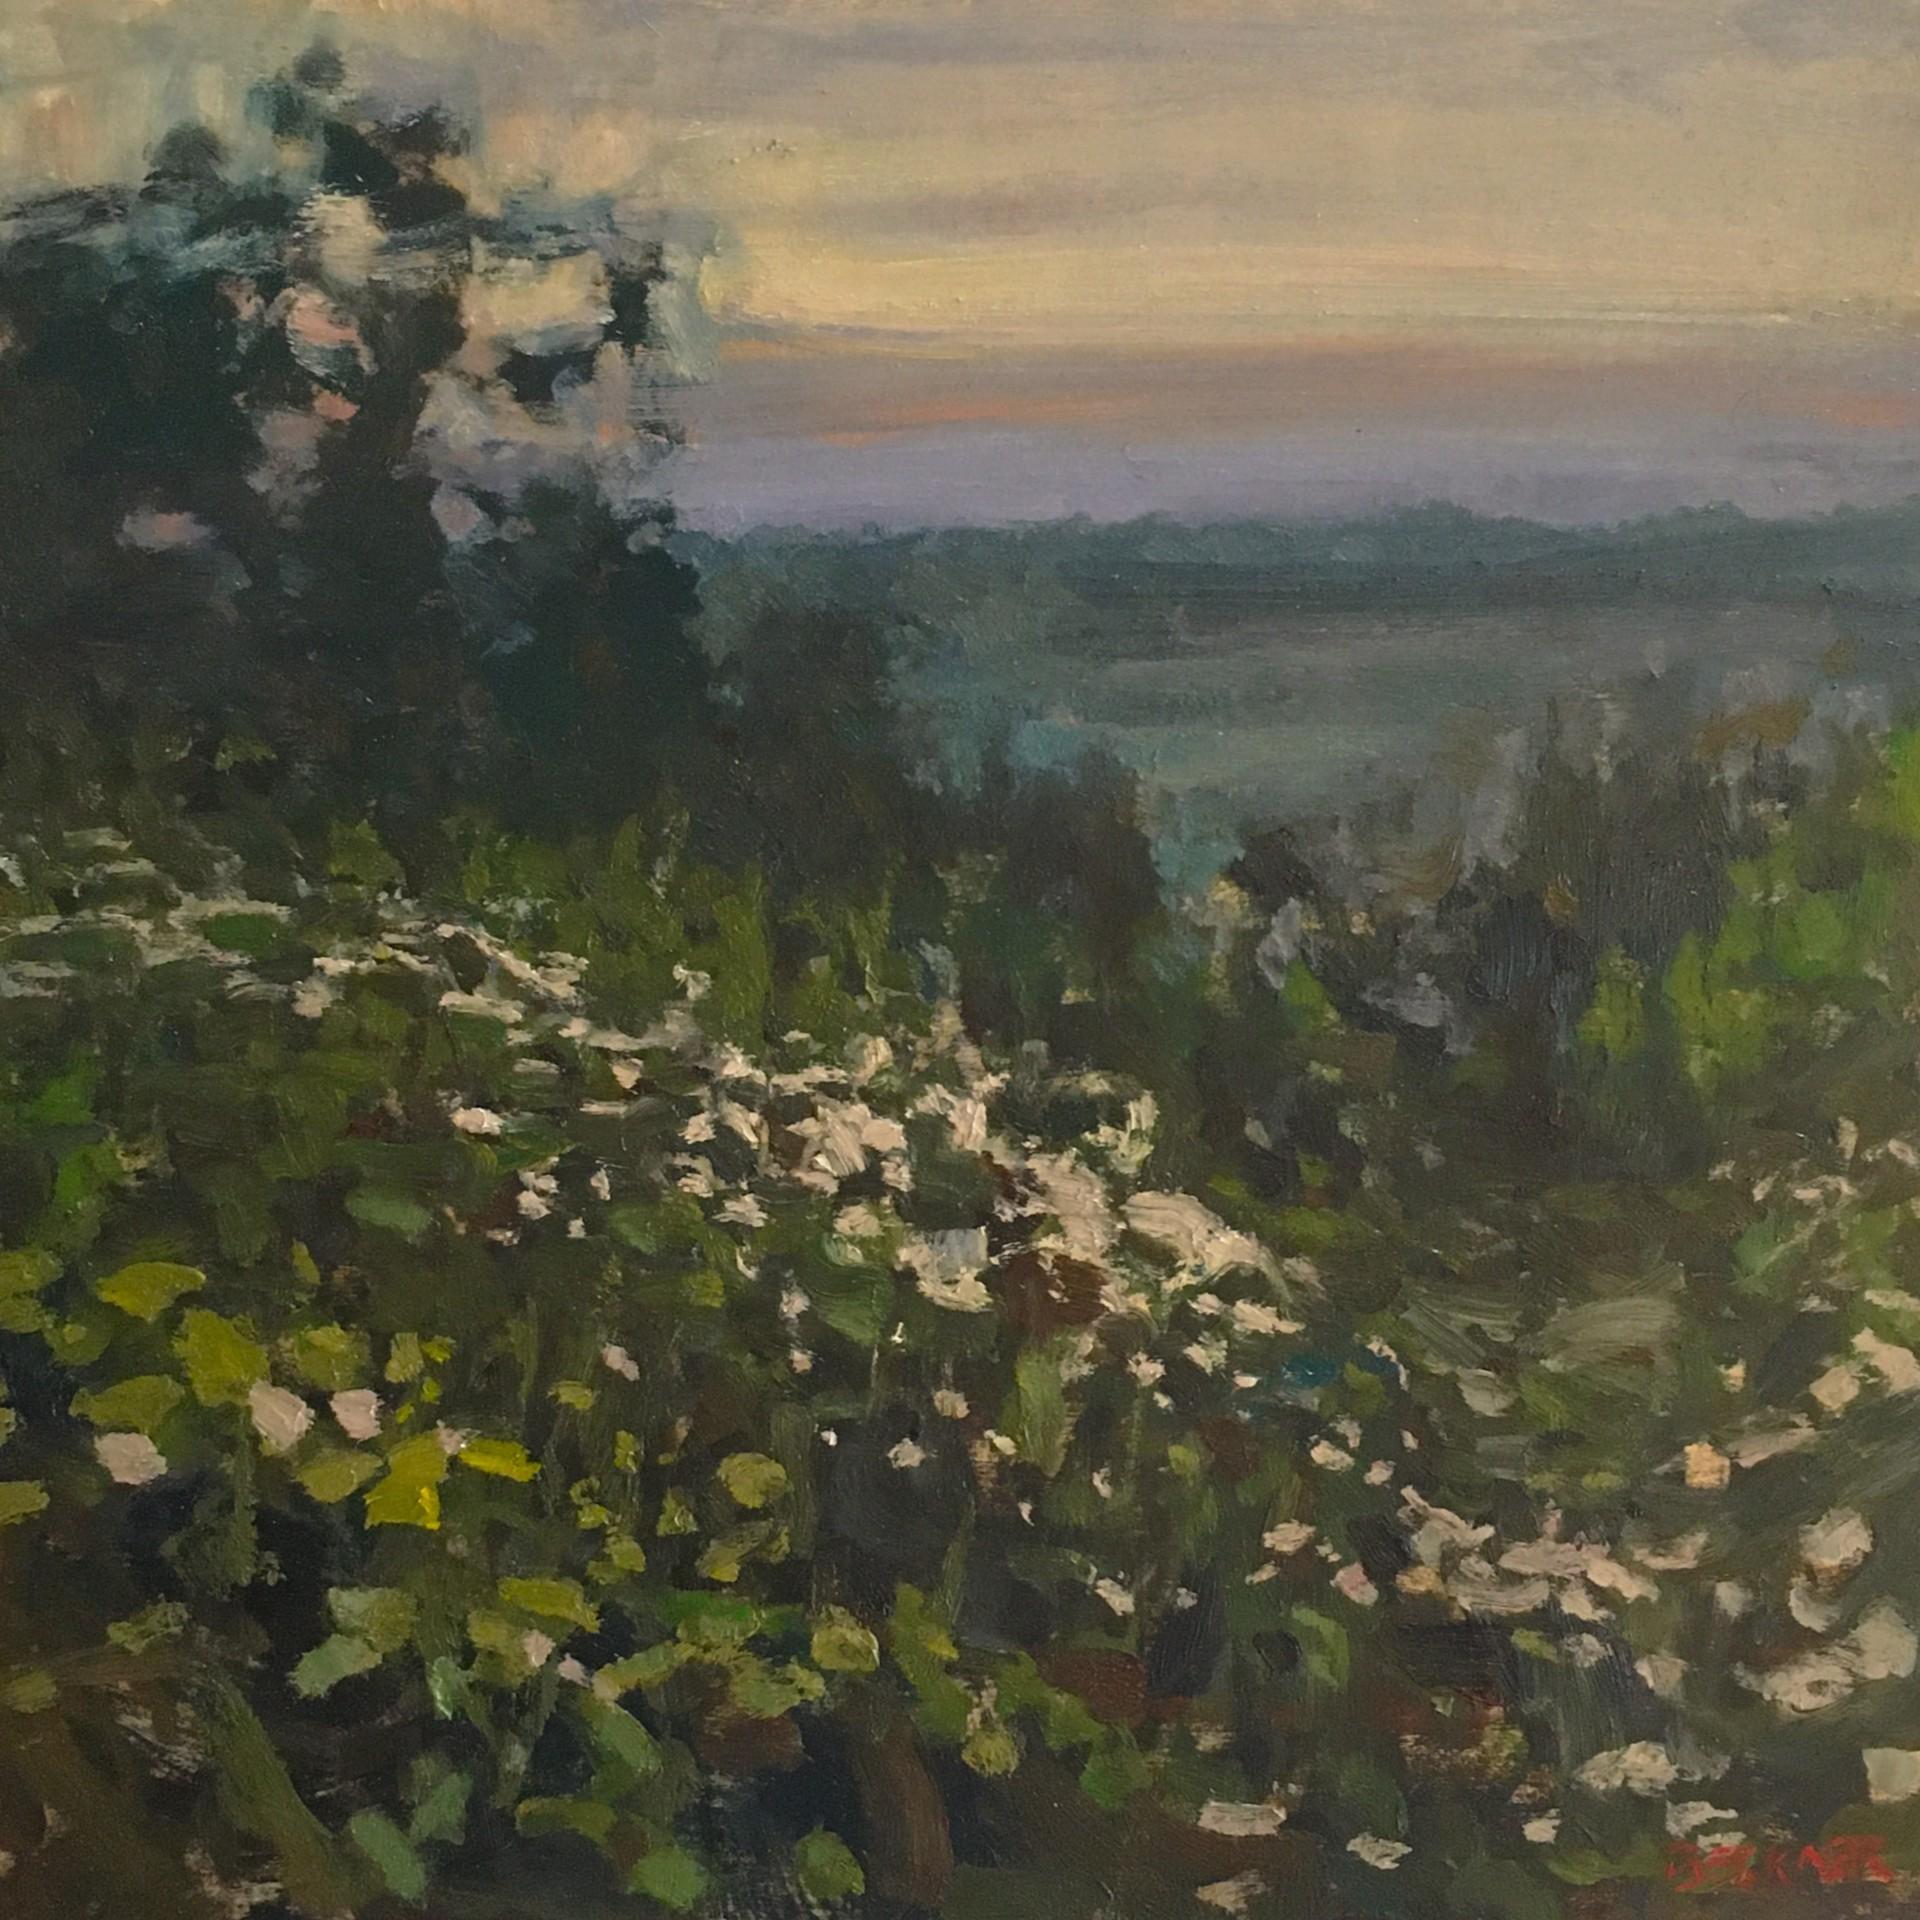 Sunset by Jim Beckner